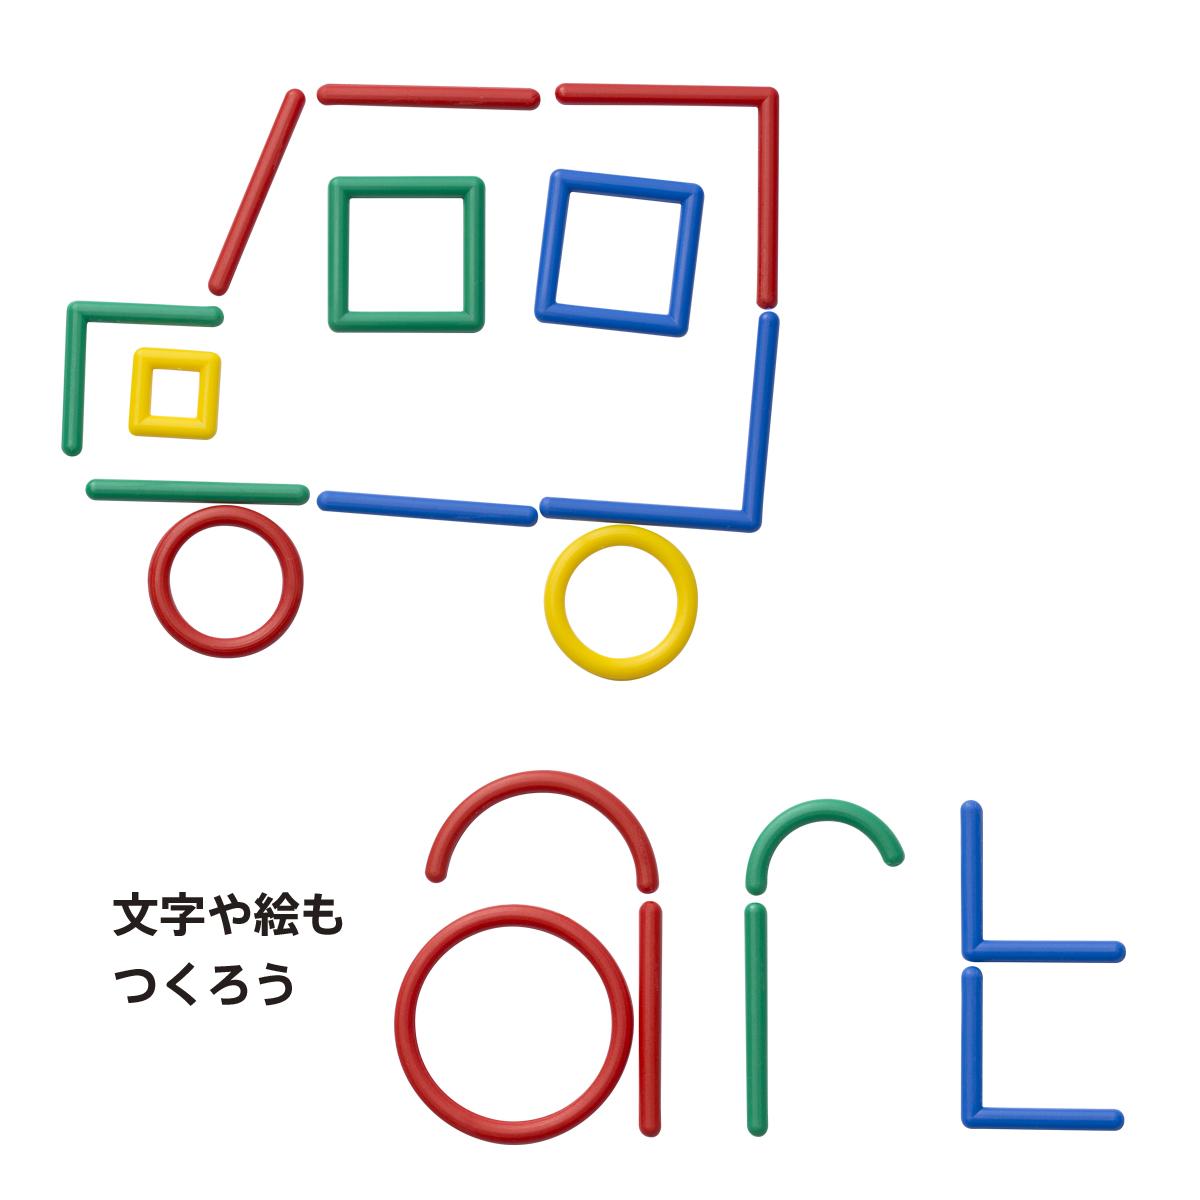 ☆エデュケーション遊具ピクチャーラインアートで遊ぼう☆